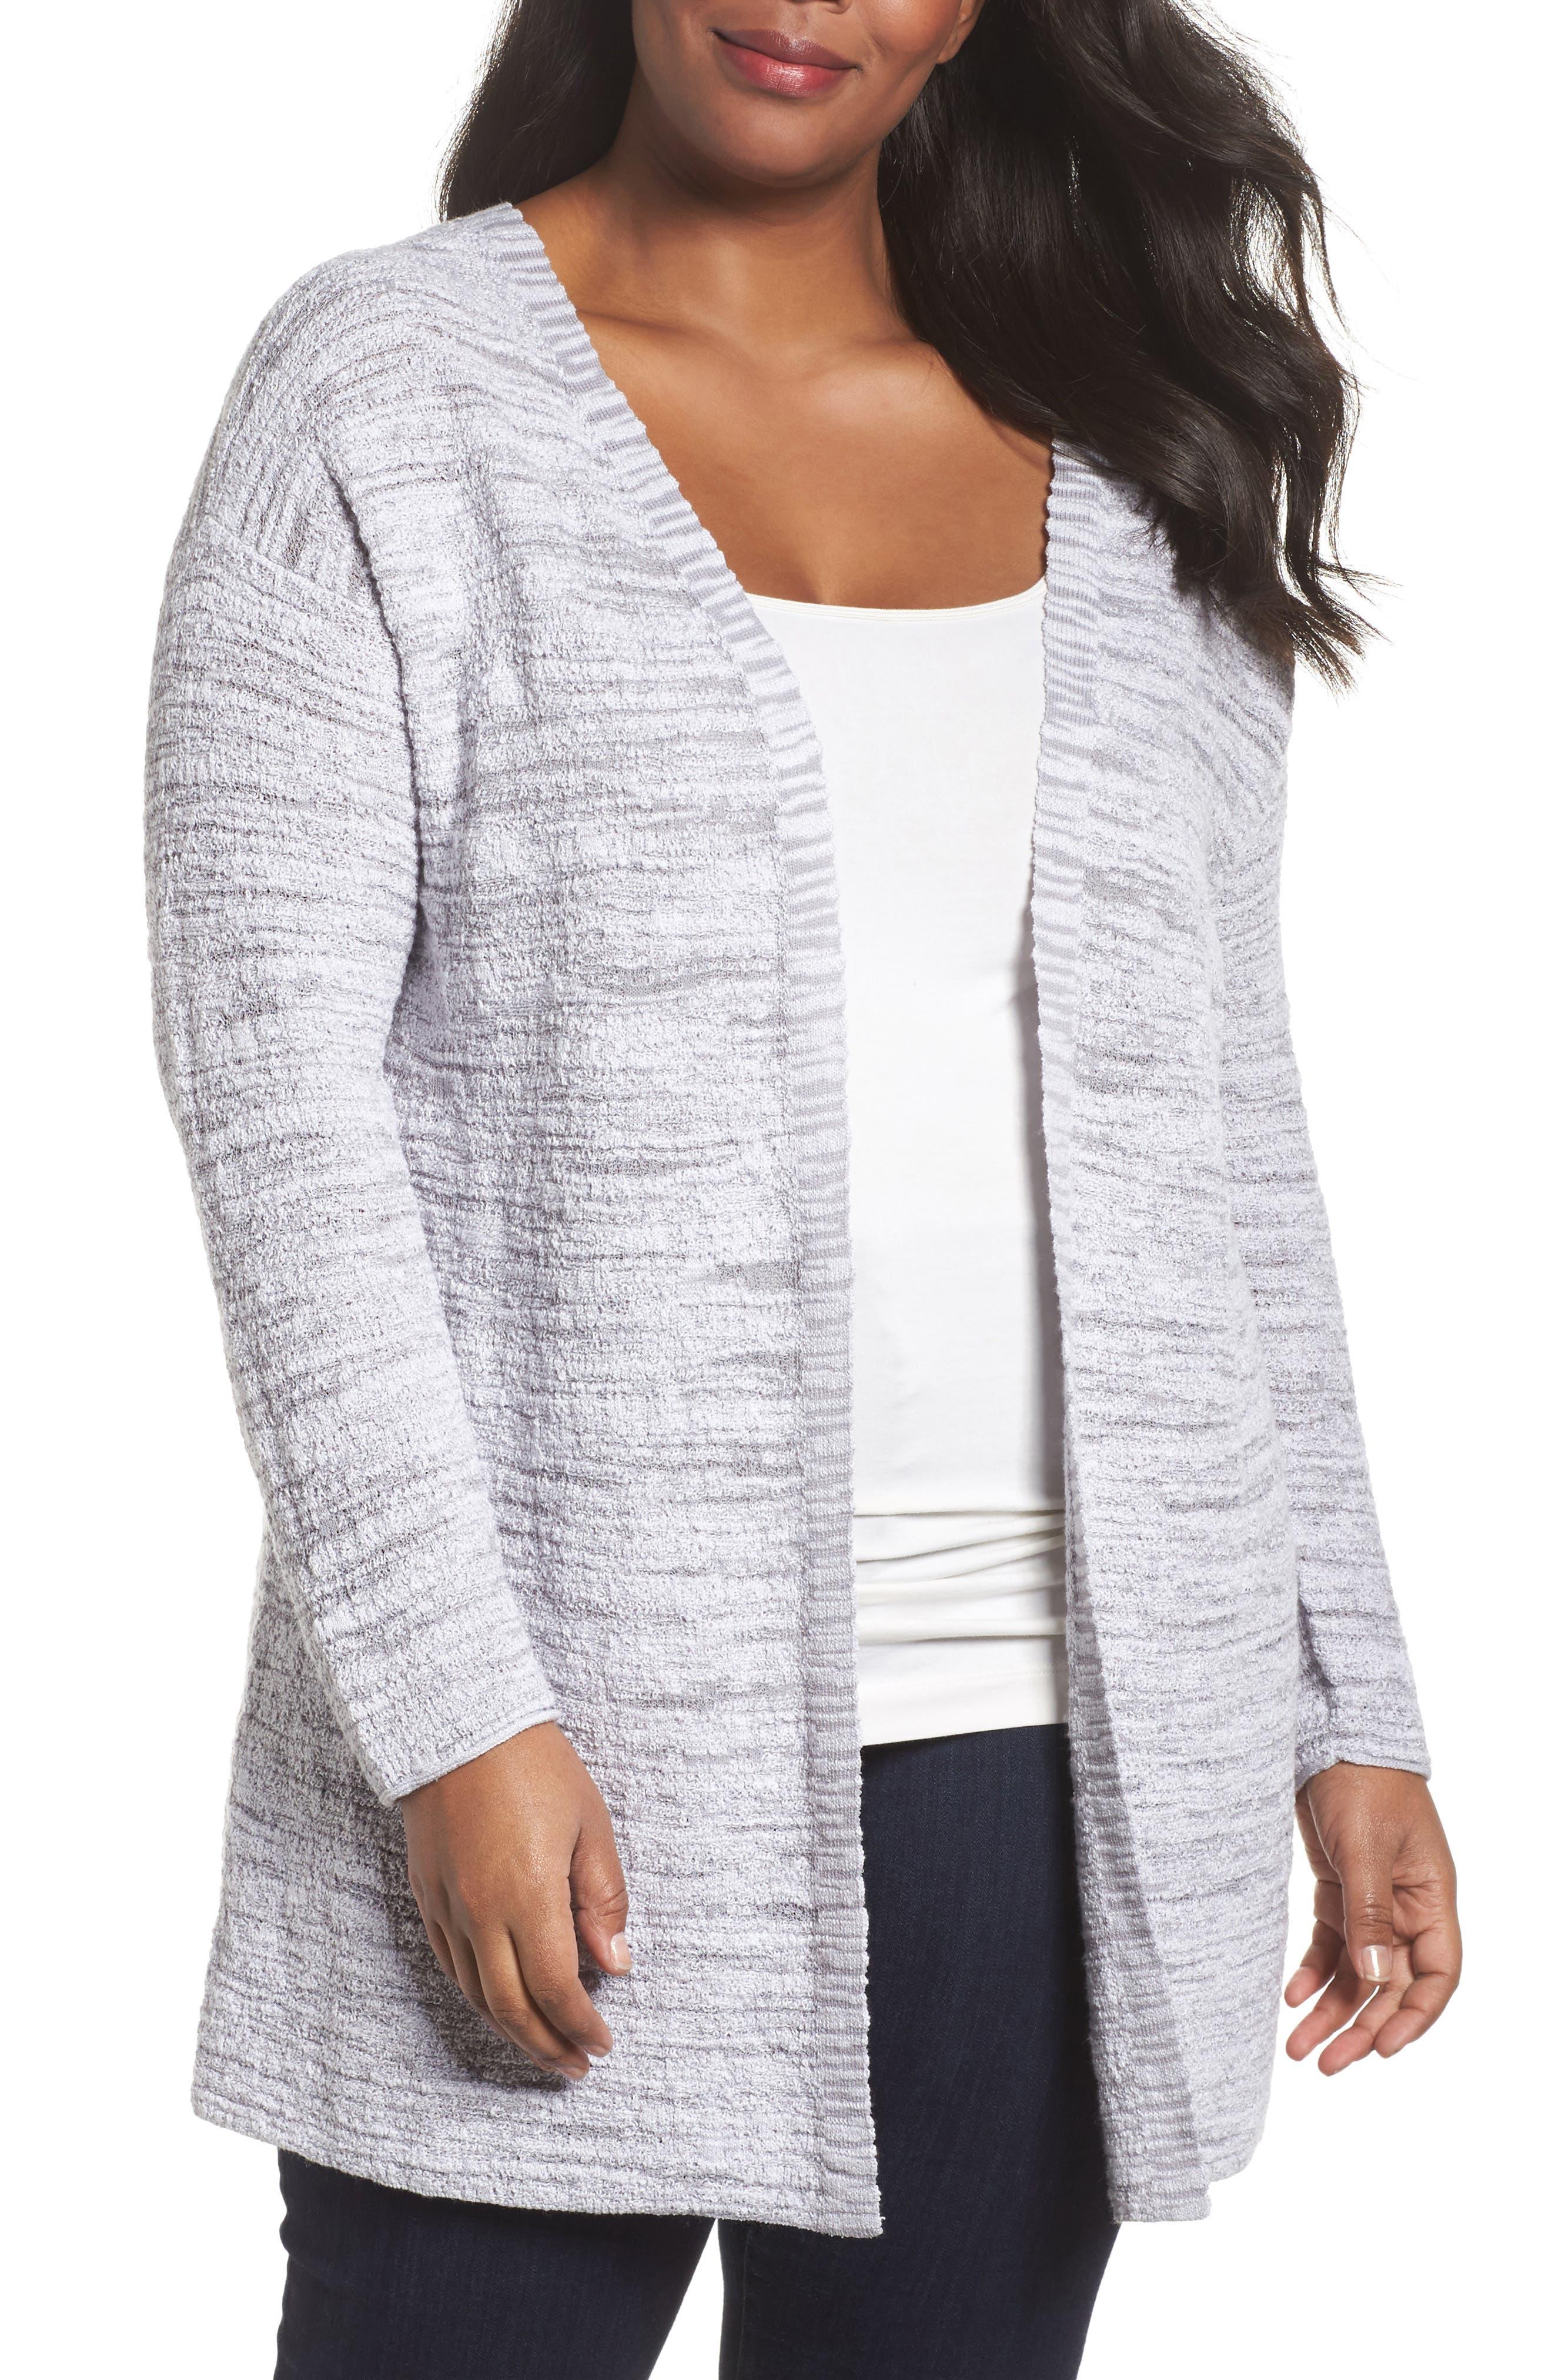 Main Image - NIC+ZOE Lace It Back Cardigan (Plus Size)